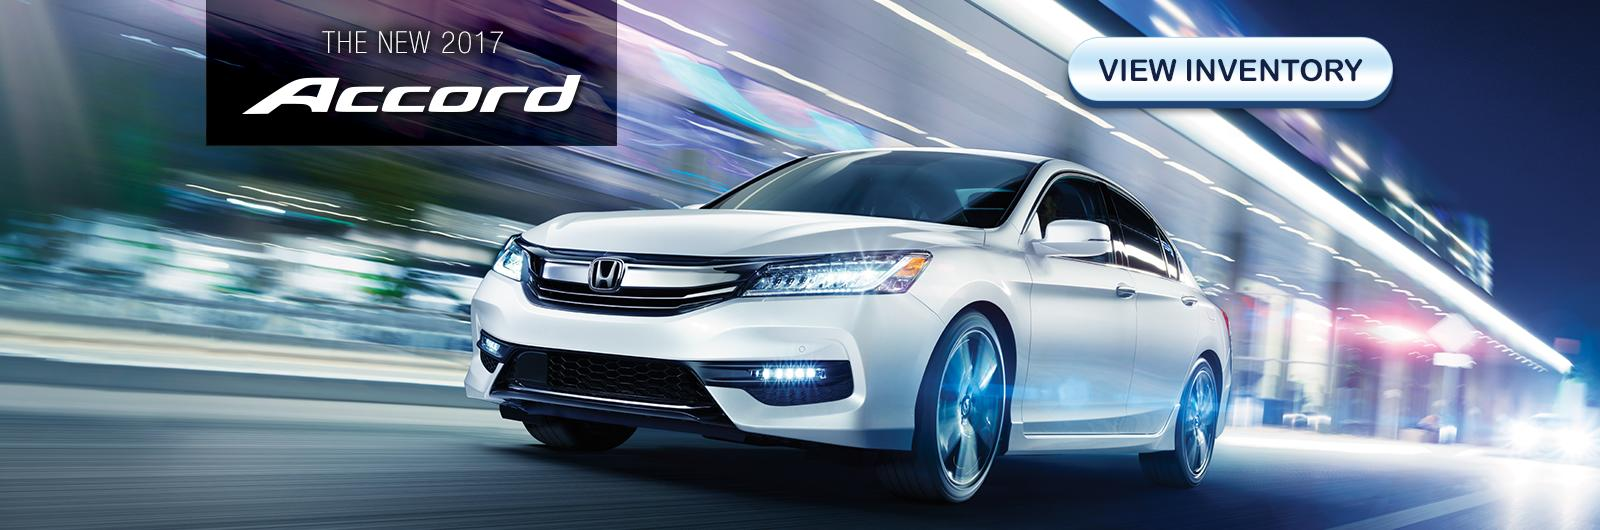 Attractive Boch Honda Service Coupons U003eu003e Boch Honda Coupons.2019 Honda Service Coupons  Honda Reviews